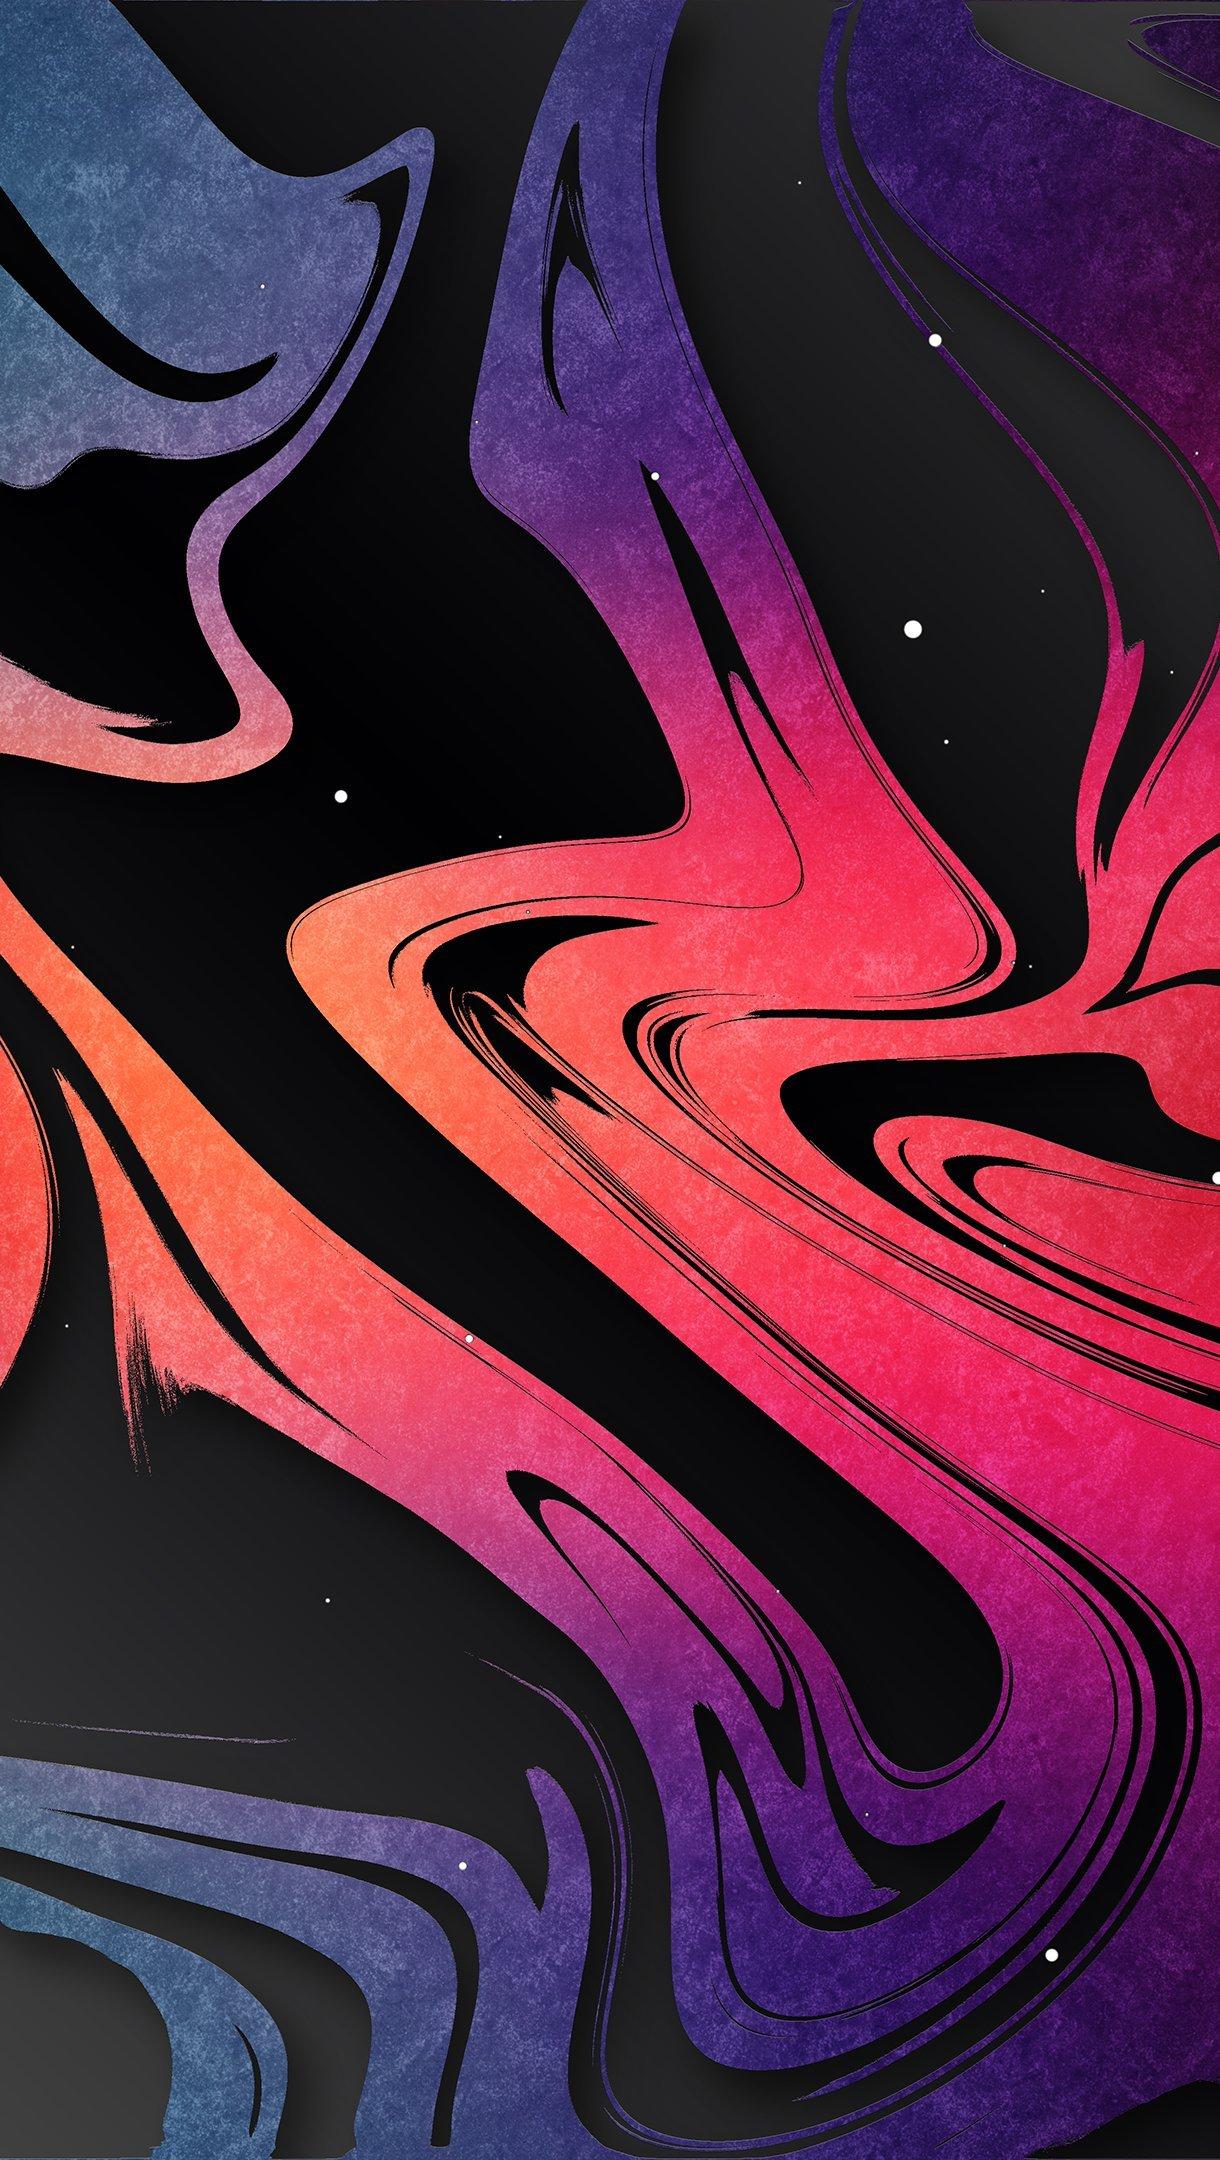 Fondos de pantalla Colores derramados Vertical